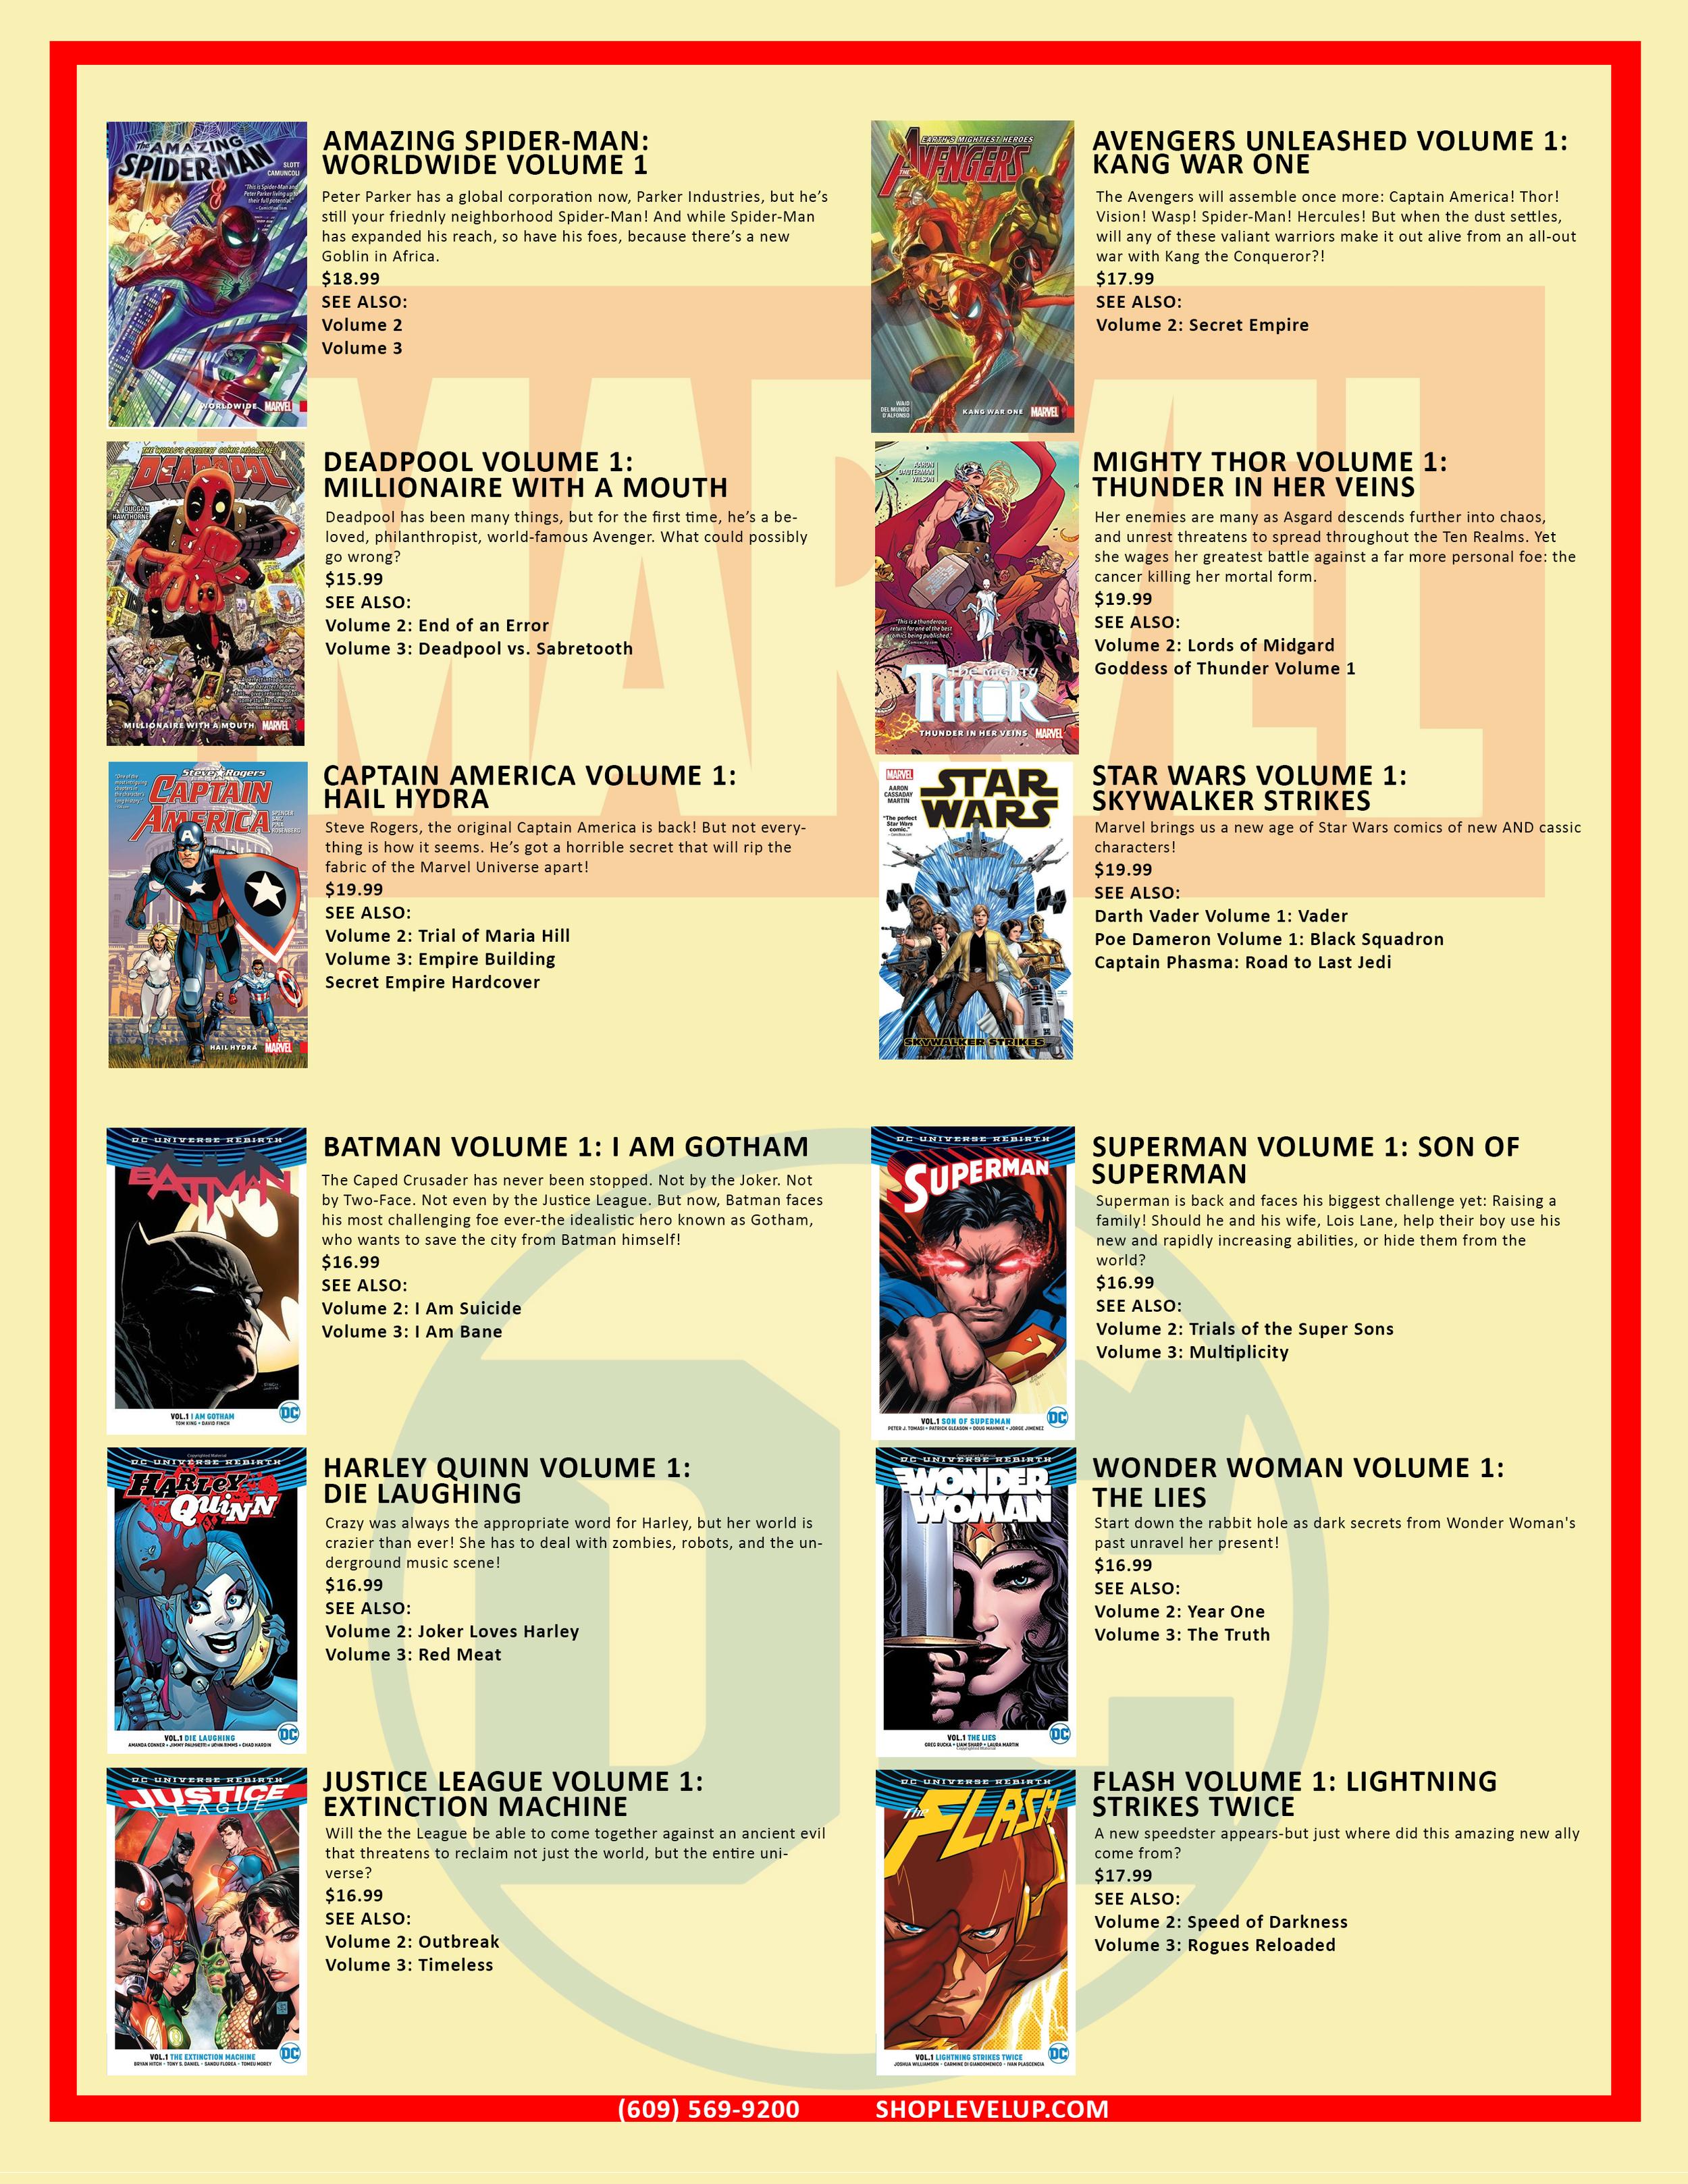 Marvel-DC.png